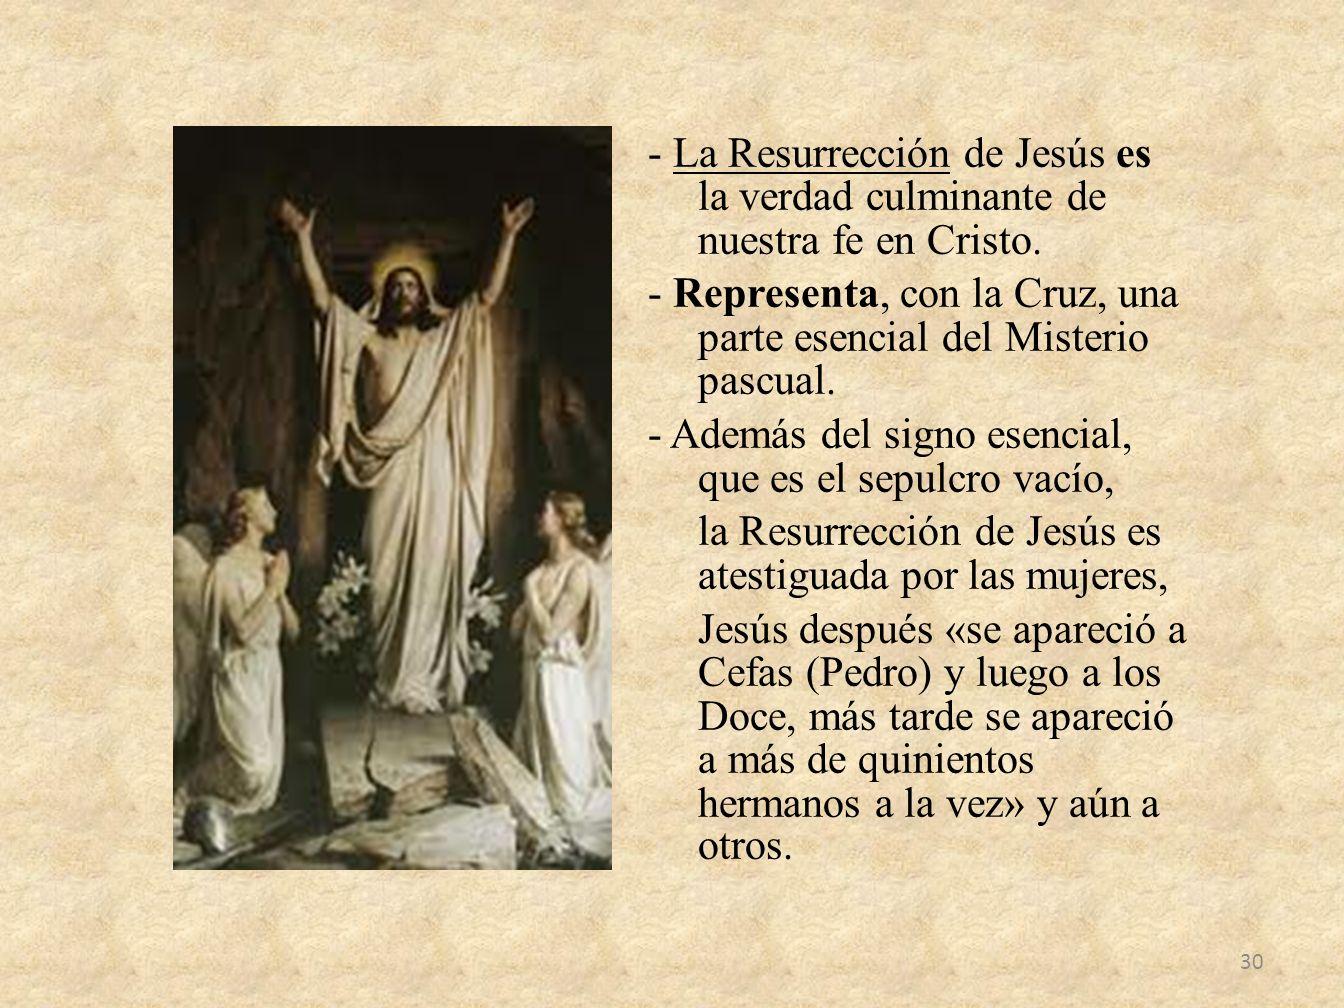 - La Resurrección de Jesús es la verdad culminante de nuestra fe en Cristo.